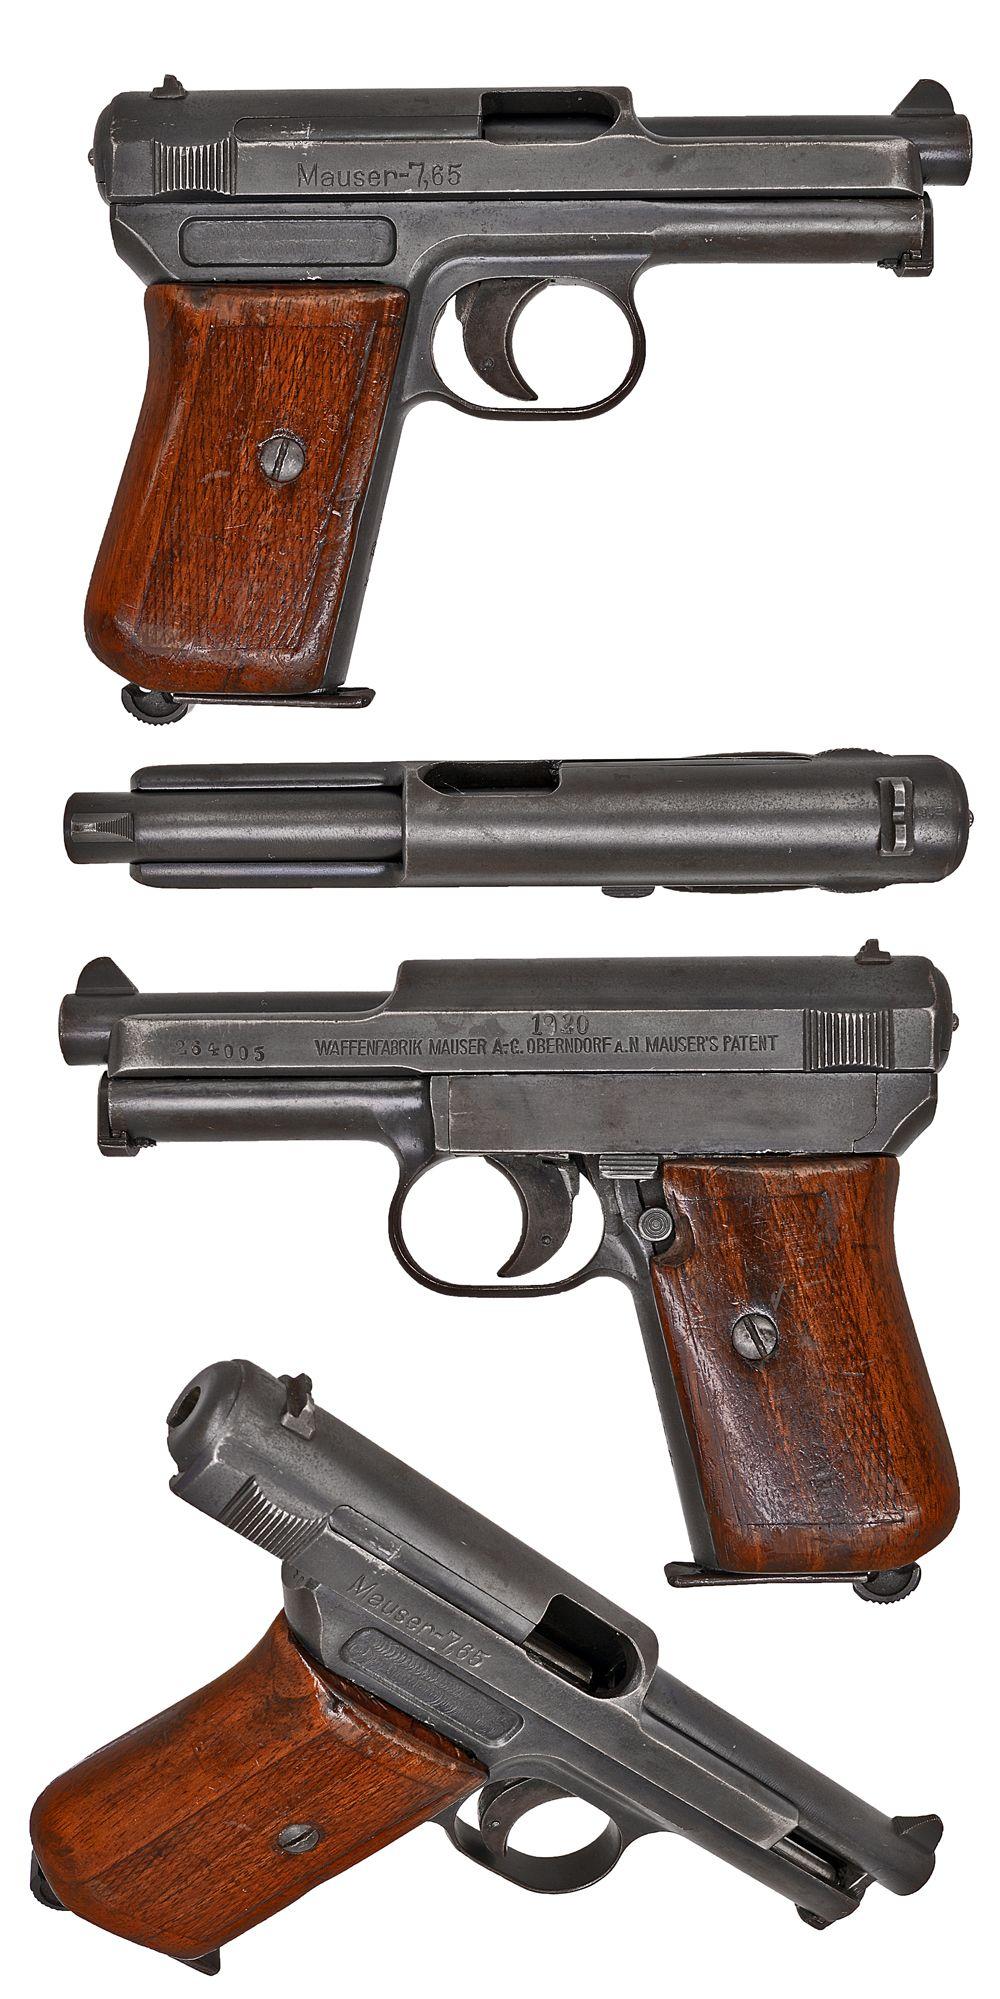 Weitere Sportarten Glock 43 Lederschulterholster Terrific Value Taschen, Koffer & Hüllen